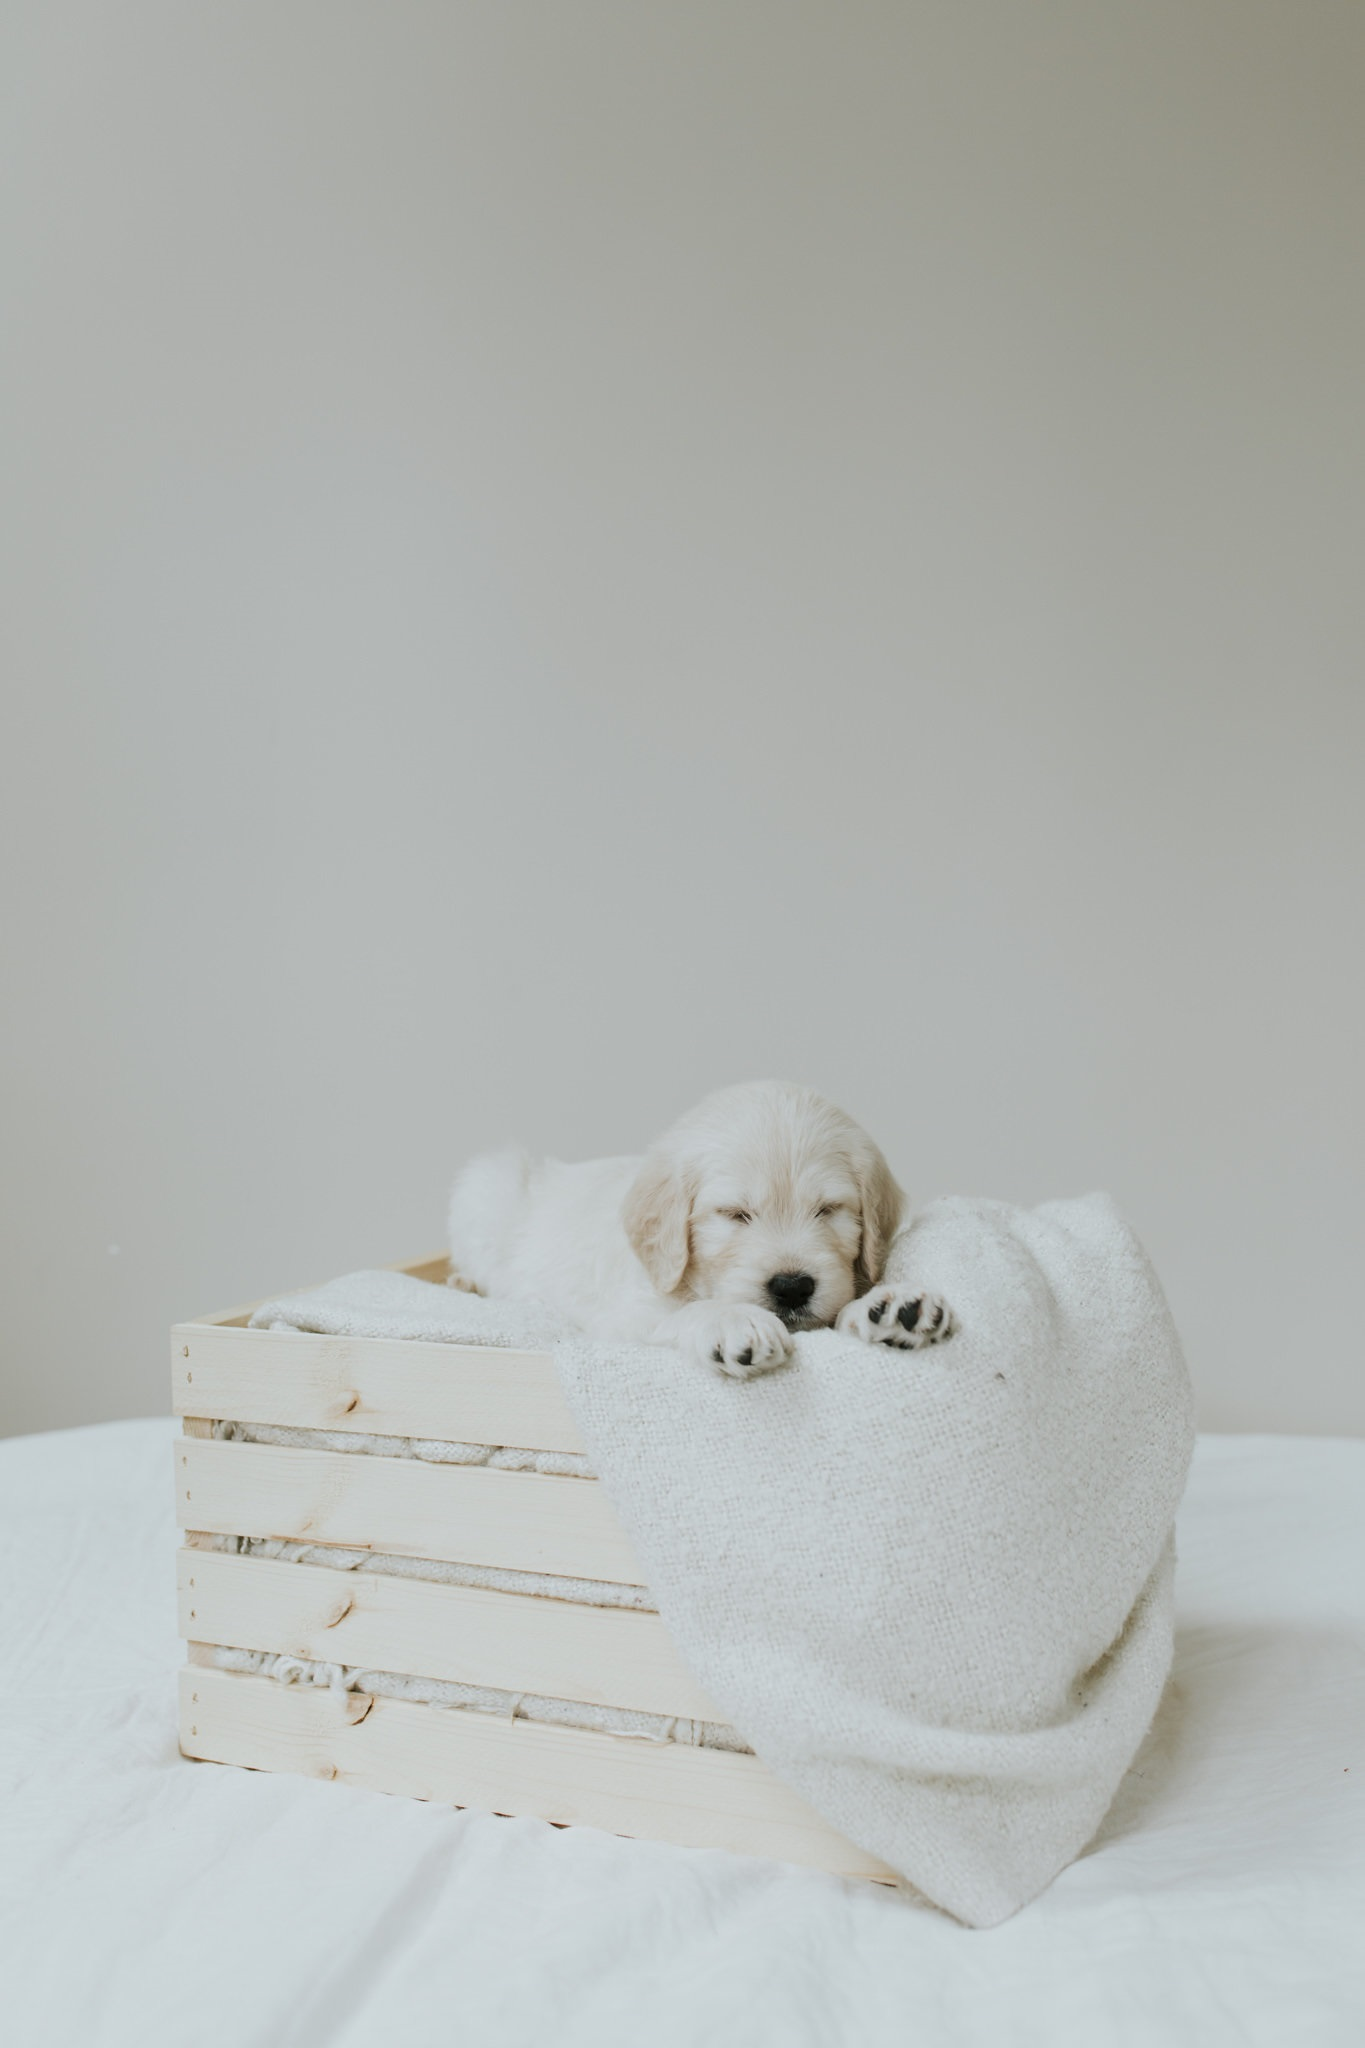 Puppies-Week-6-6.jpg